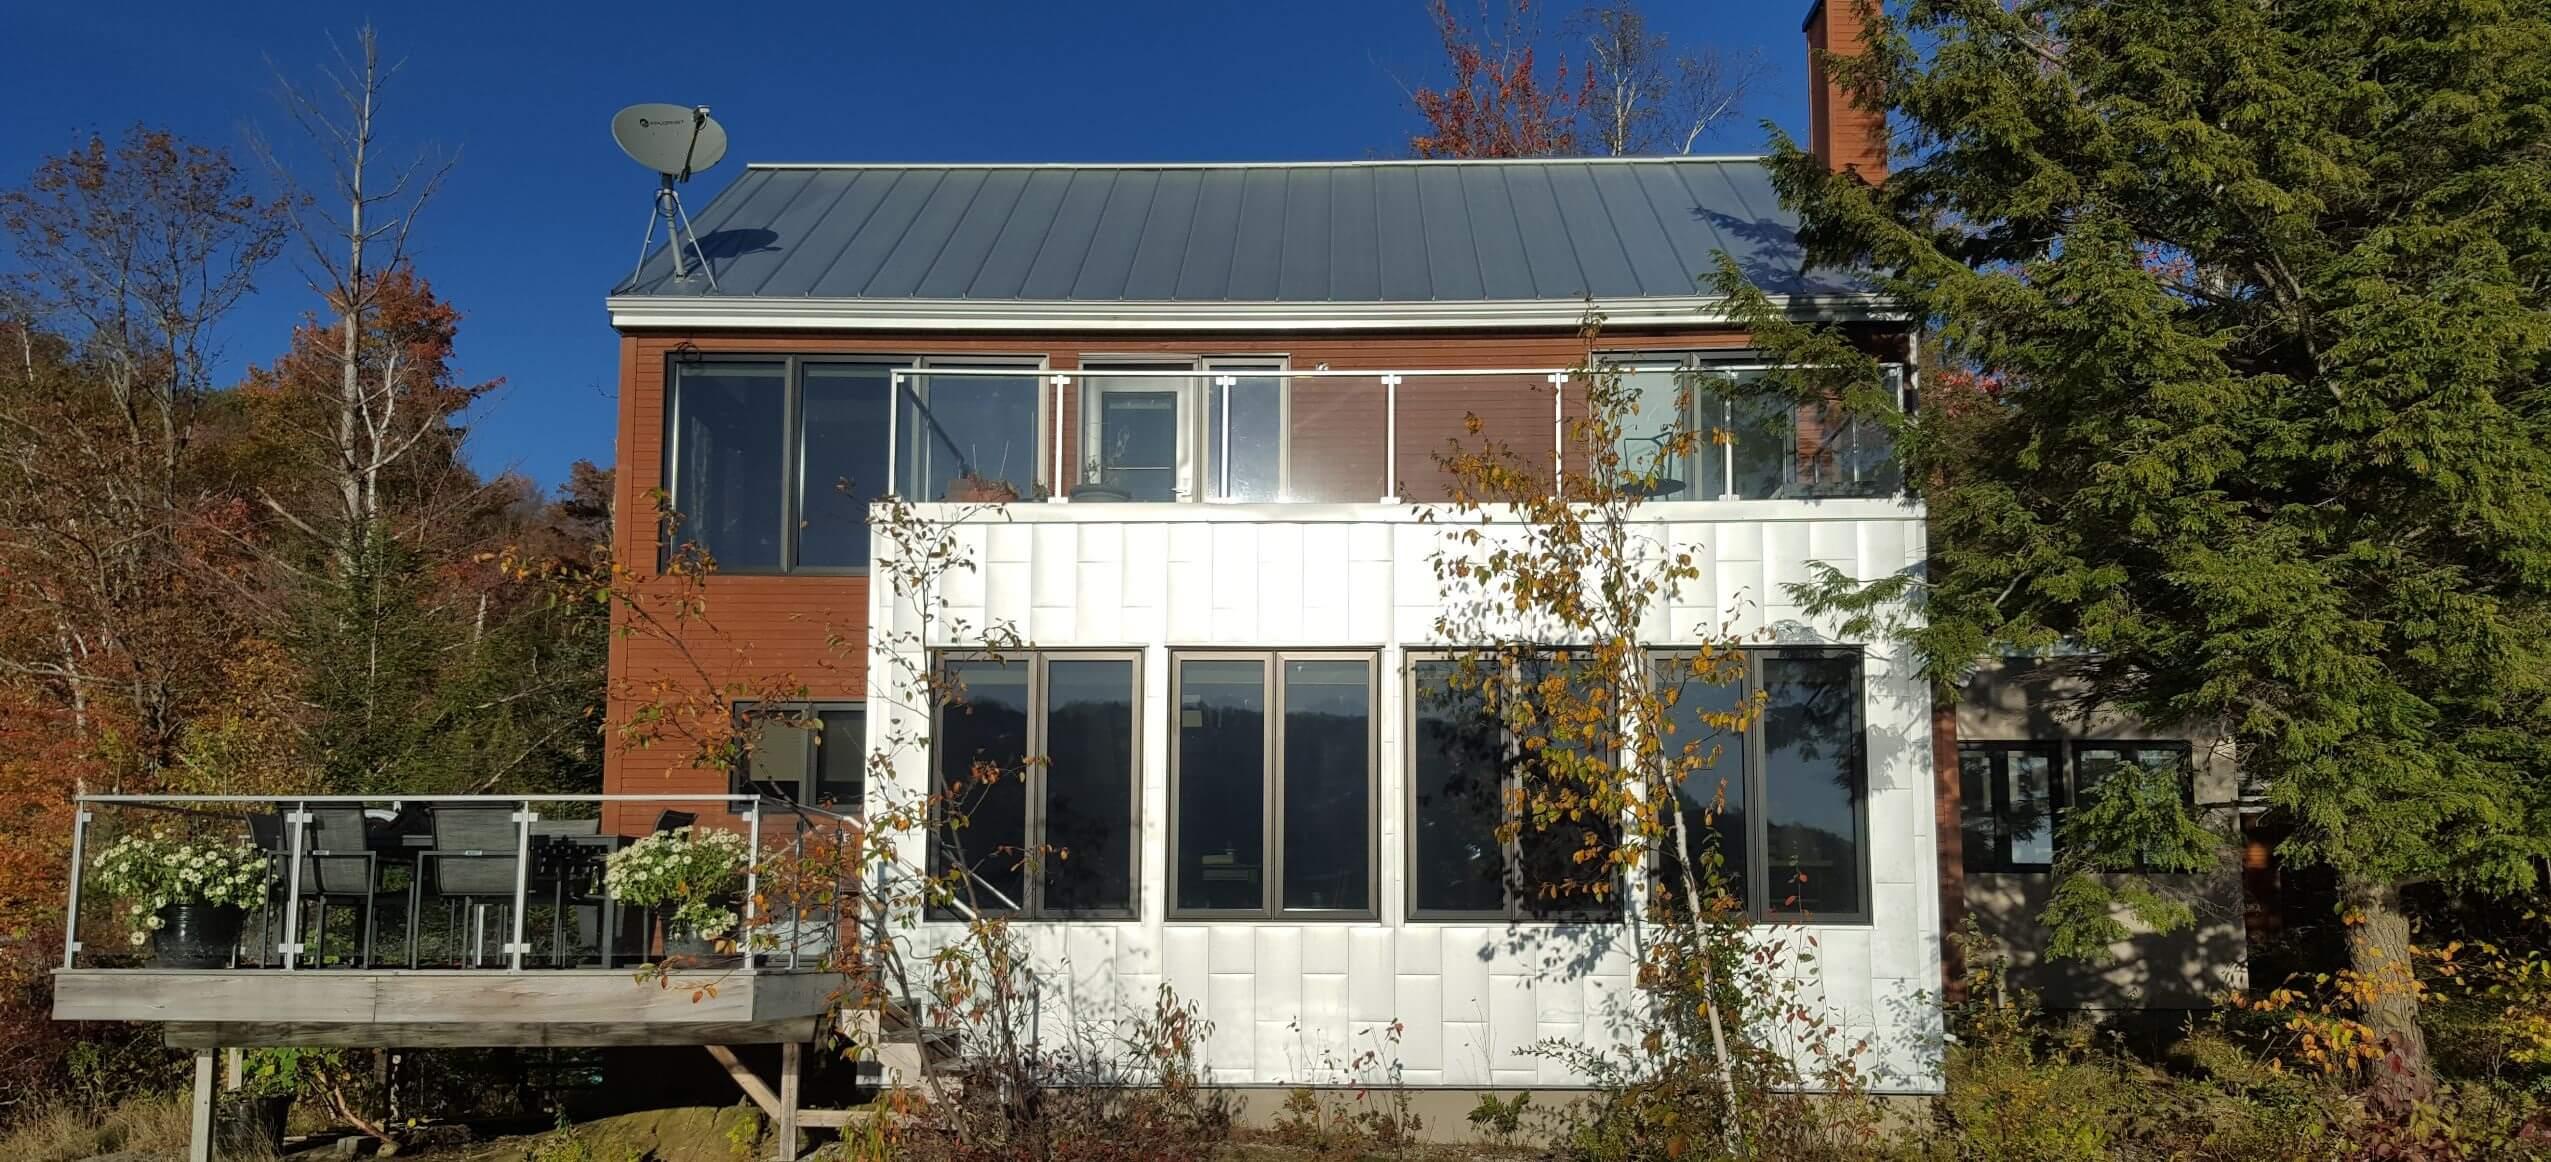 Exterior solar film reduces heat gain and glare